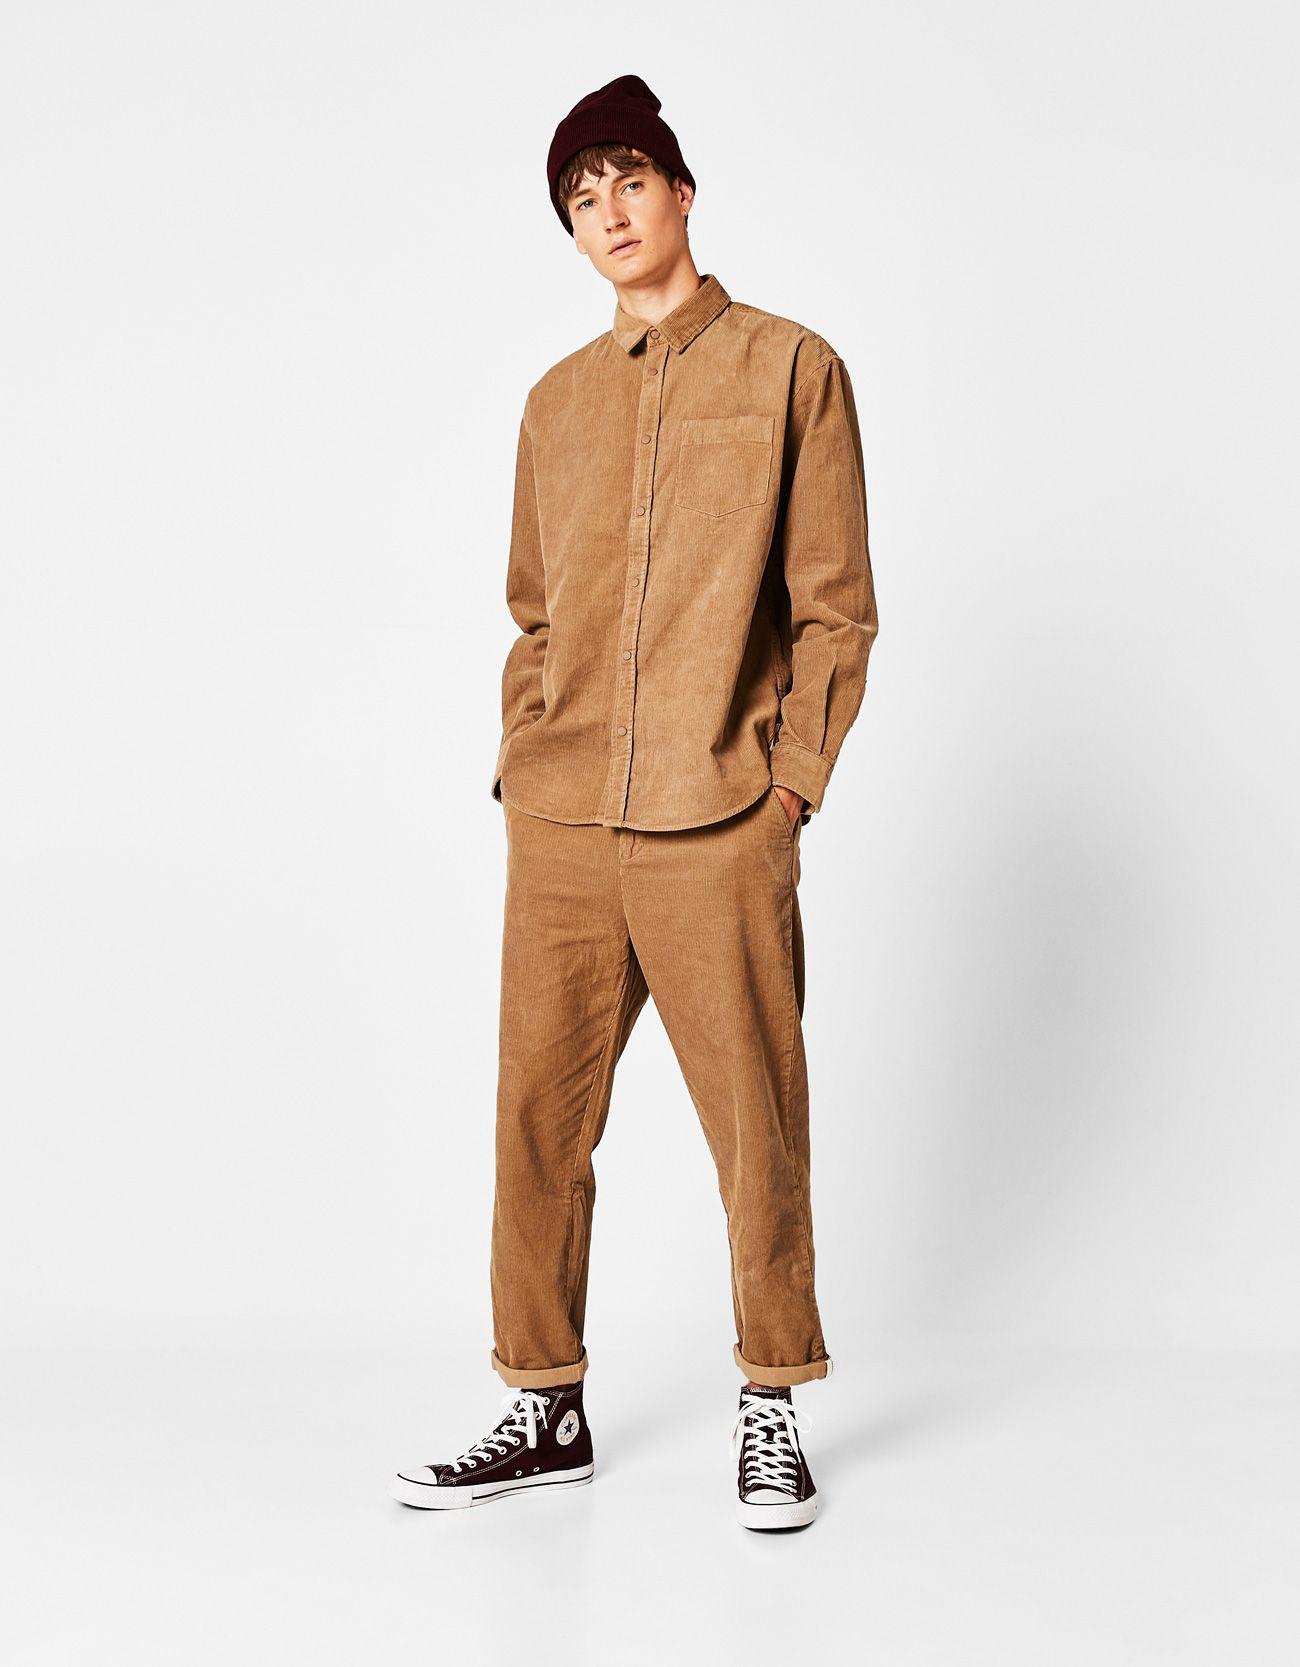 Pantalon De Pana Pantalones Bershka Espana Pantalones De Pana Pantalon Pana Hombre Pantalones Bershka